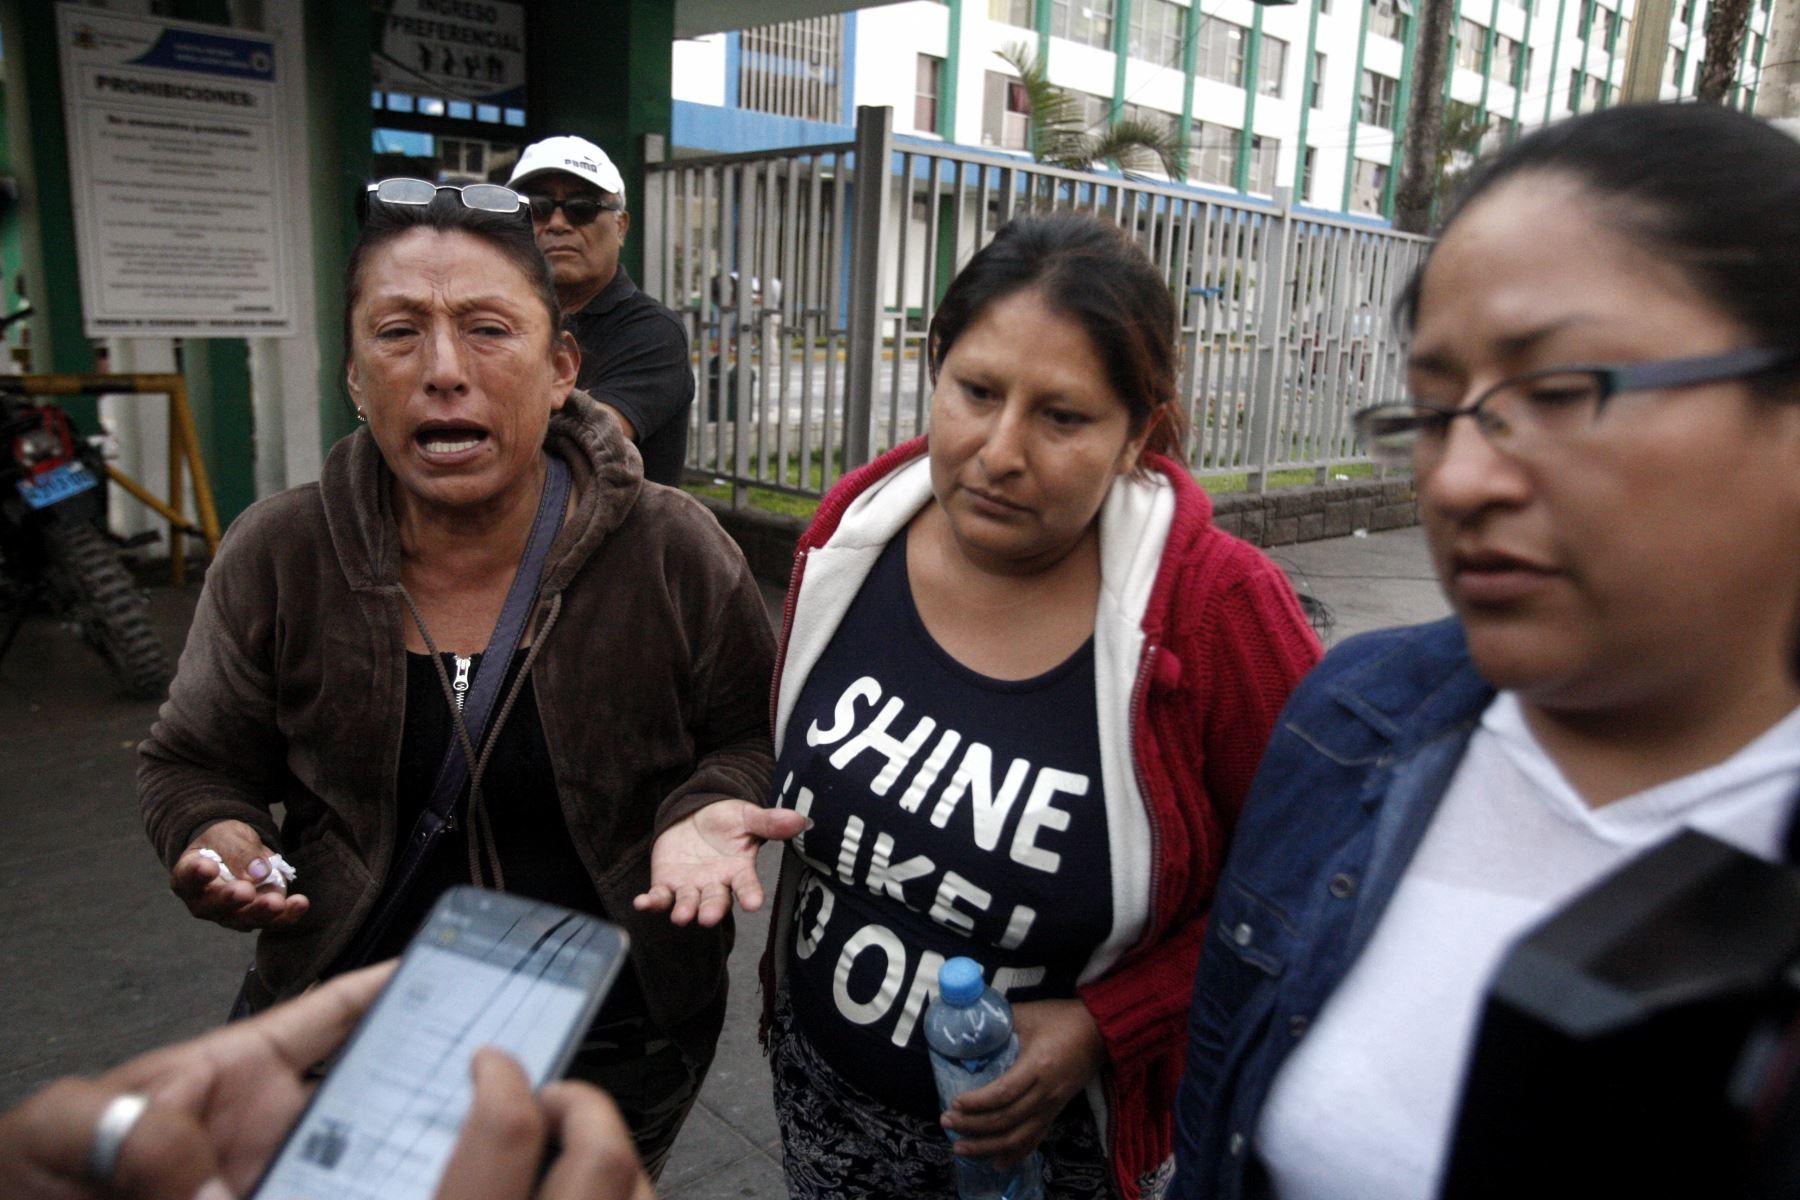 Familiares de víctimas visitan hospital Carrión para averiguar por situación de parientes. Foto: ANDINA/Eddy Ramos